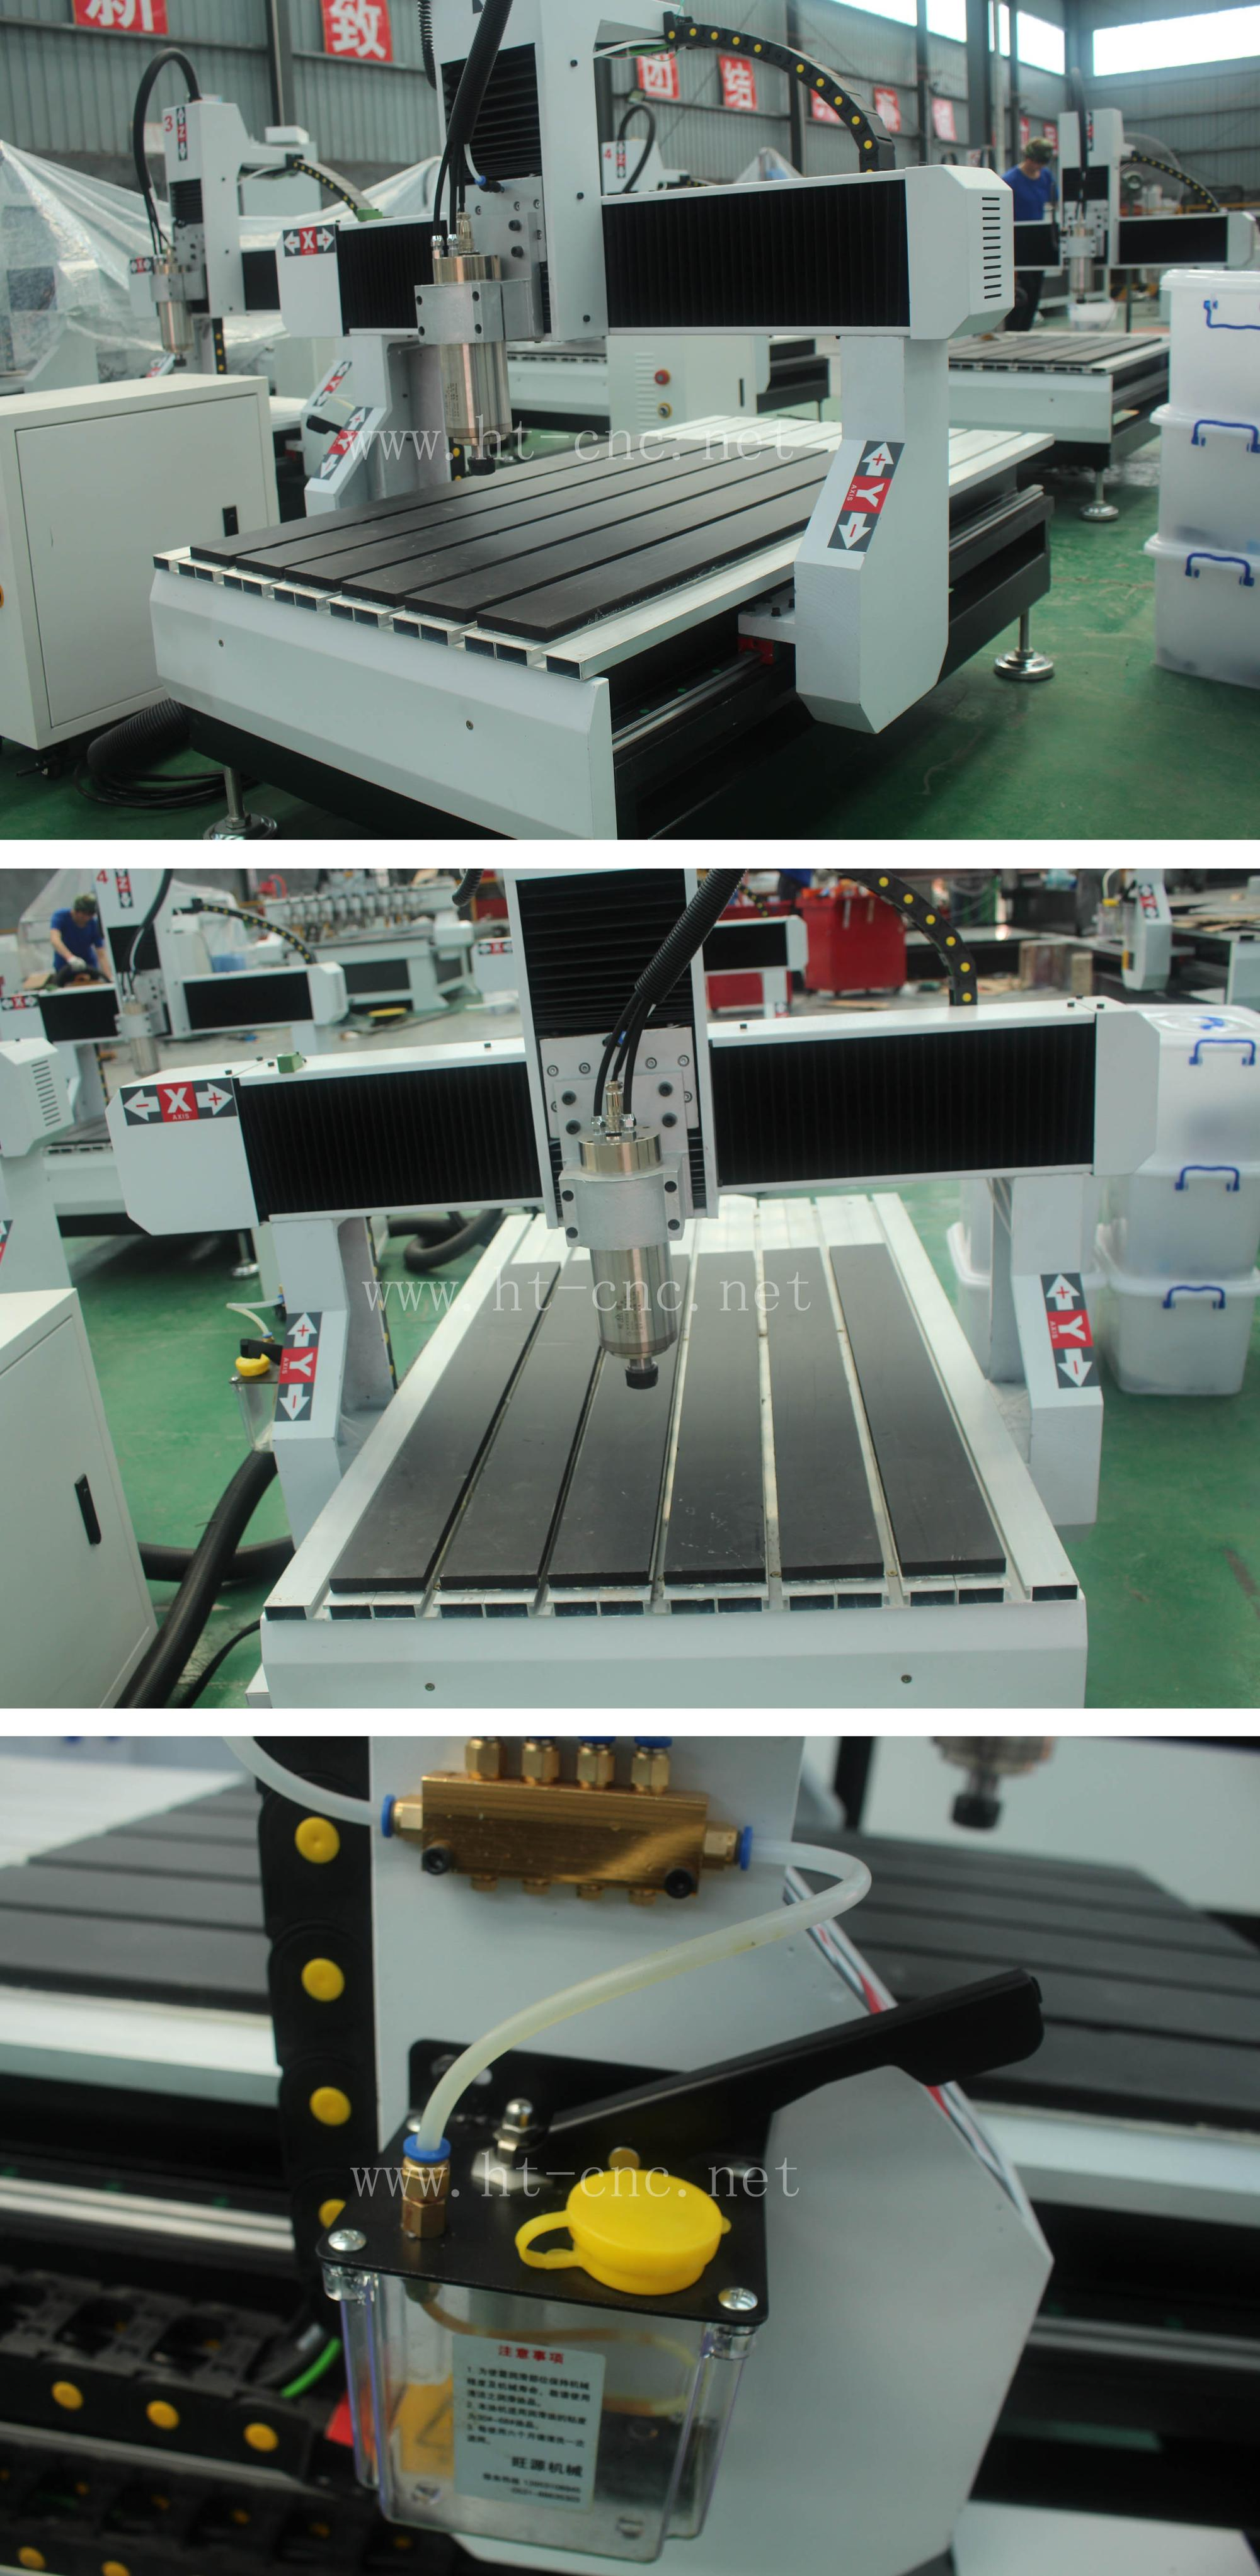 Китайский производитель, Мини Деревянный фрезерный станок с ЧПУ 6090/мини фрезерный станок с ЧПУ 6090/мини настольный фрезерный станок с ЧПУ